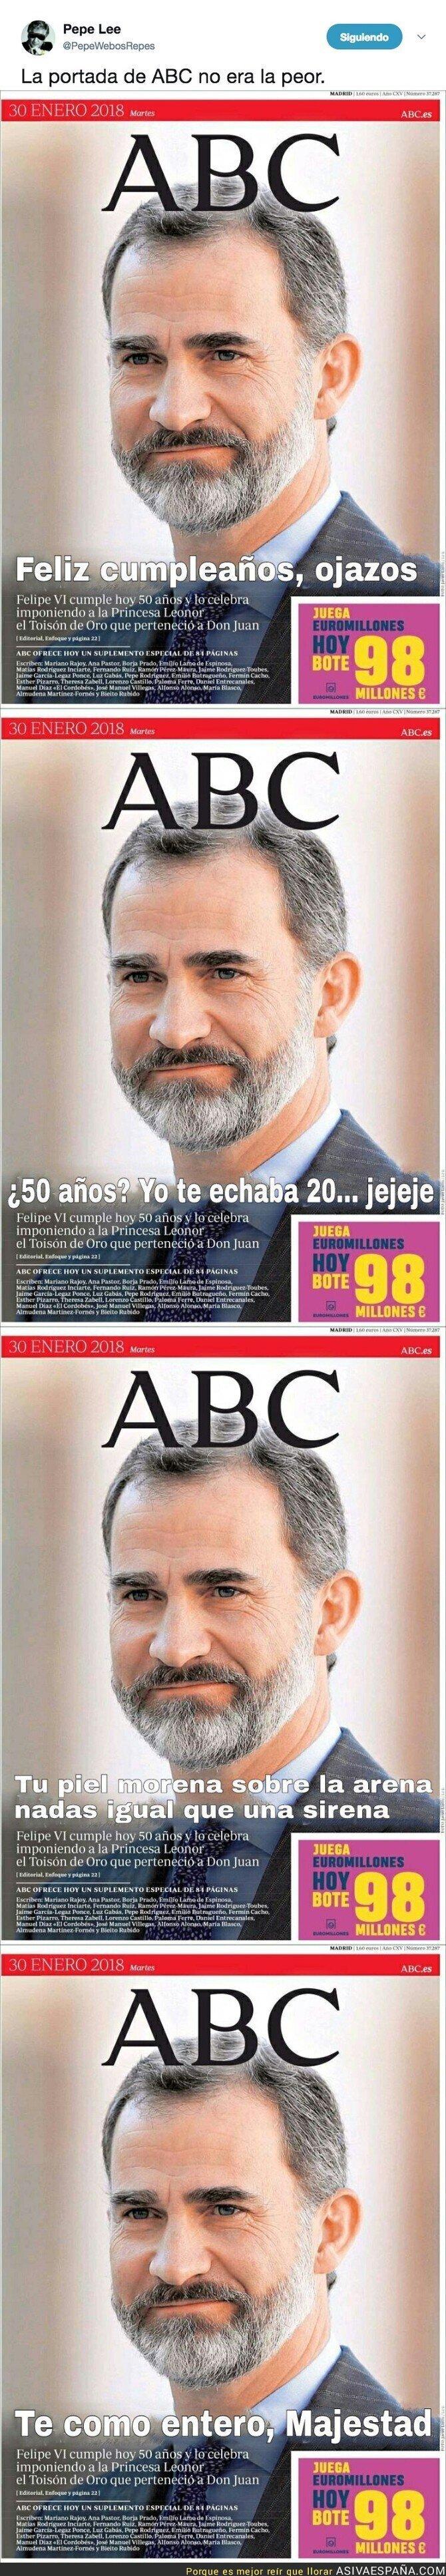 82204 - Las portadas que ABC hizo antes de la verdadera felicitación del Rey